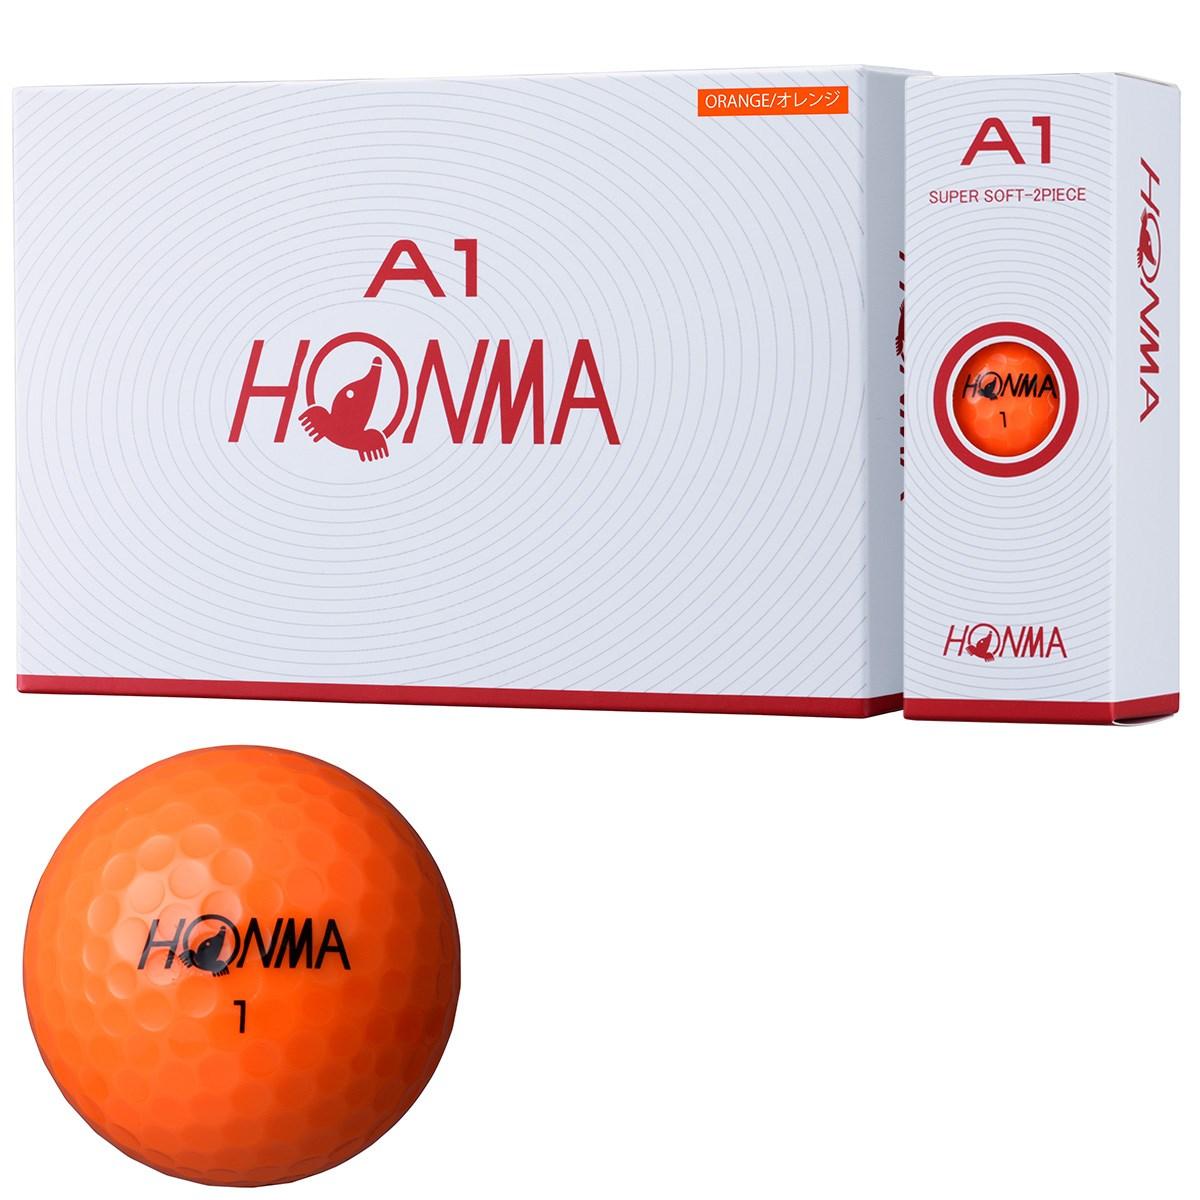 本間ゴルフ HONMA A1 ボール 3ダースセット 3ダース(36個入り) オレンジ